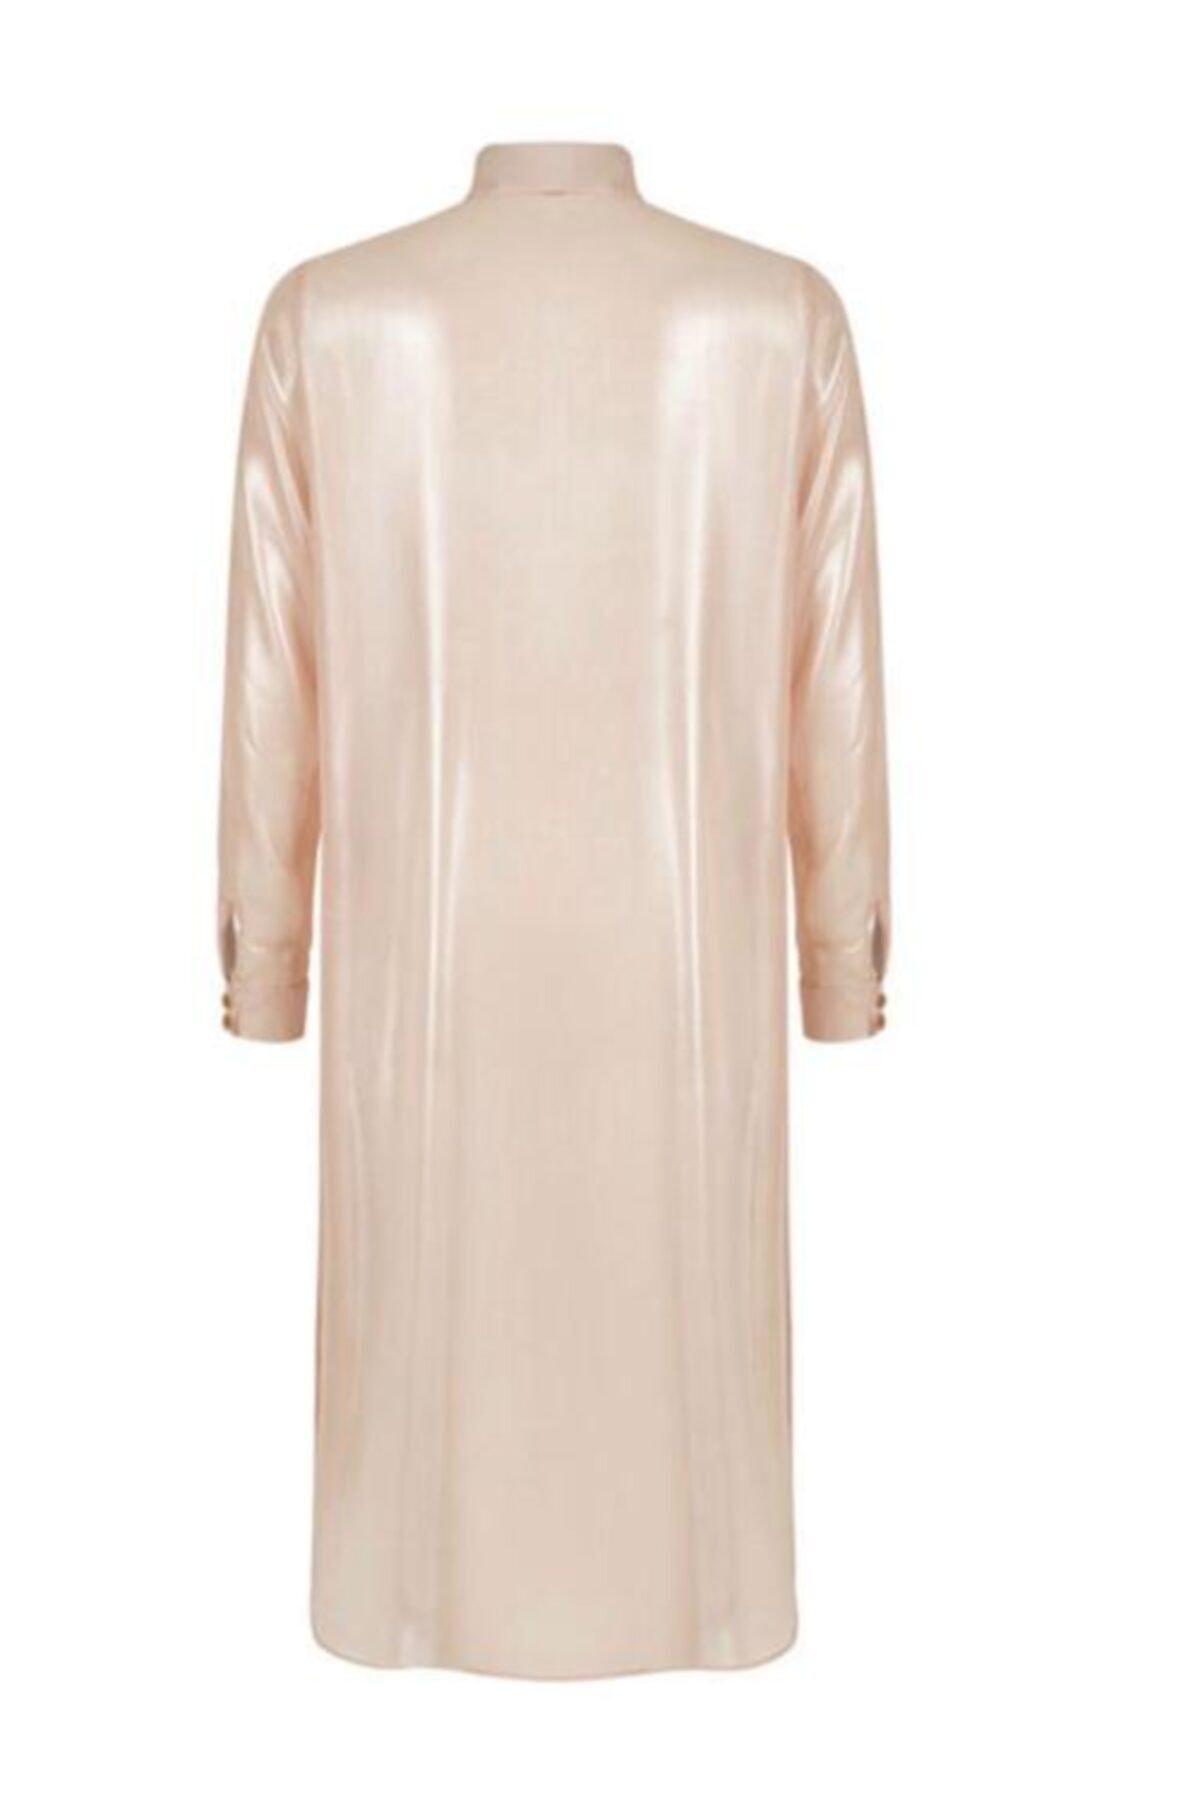 Nocturne Kadın Pembe Metalik Yüzeyli Uzun Gömlek 2